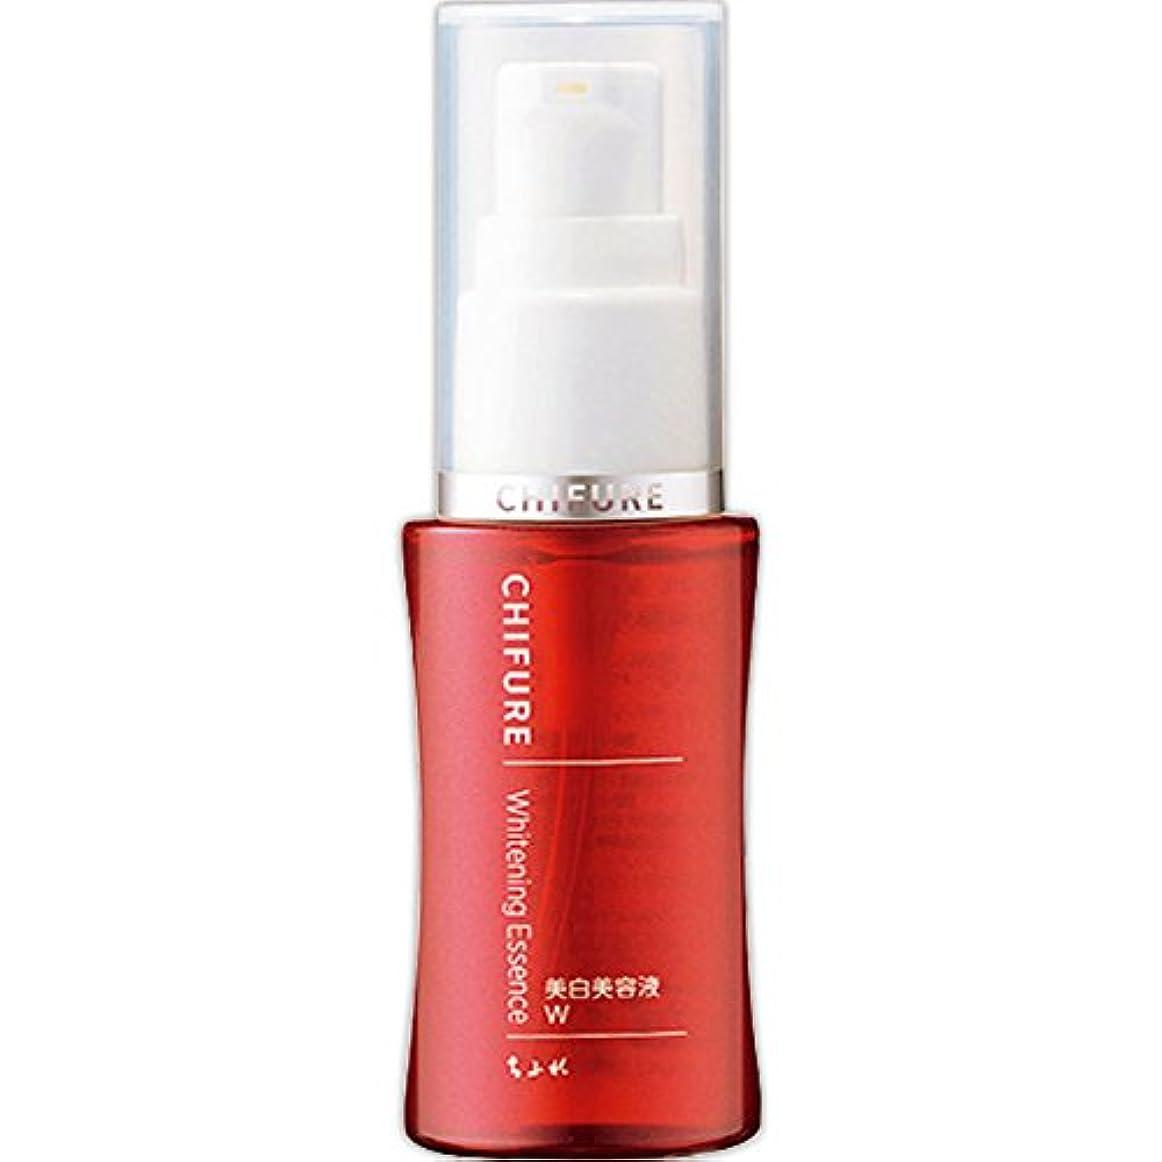 アルミニウム焼くポンペイちふれ化粧品 美白美容液 W 30ML (医薬部外品)